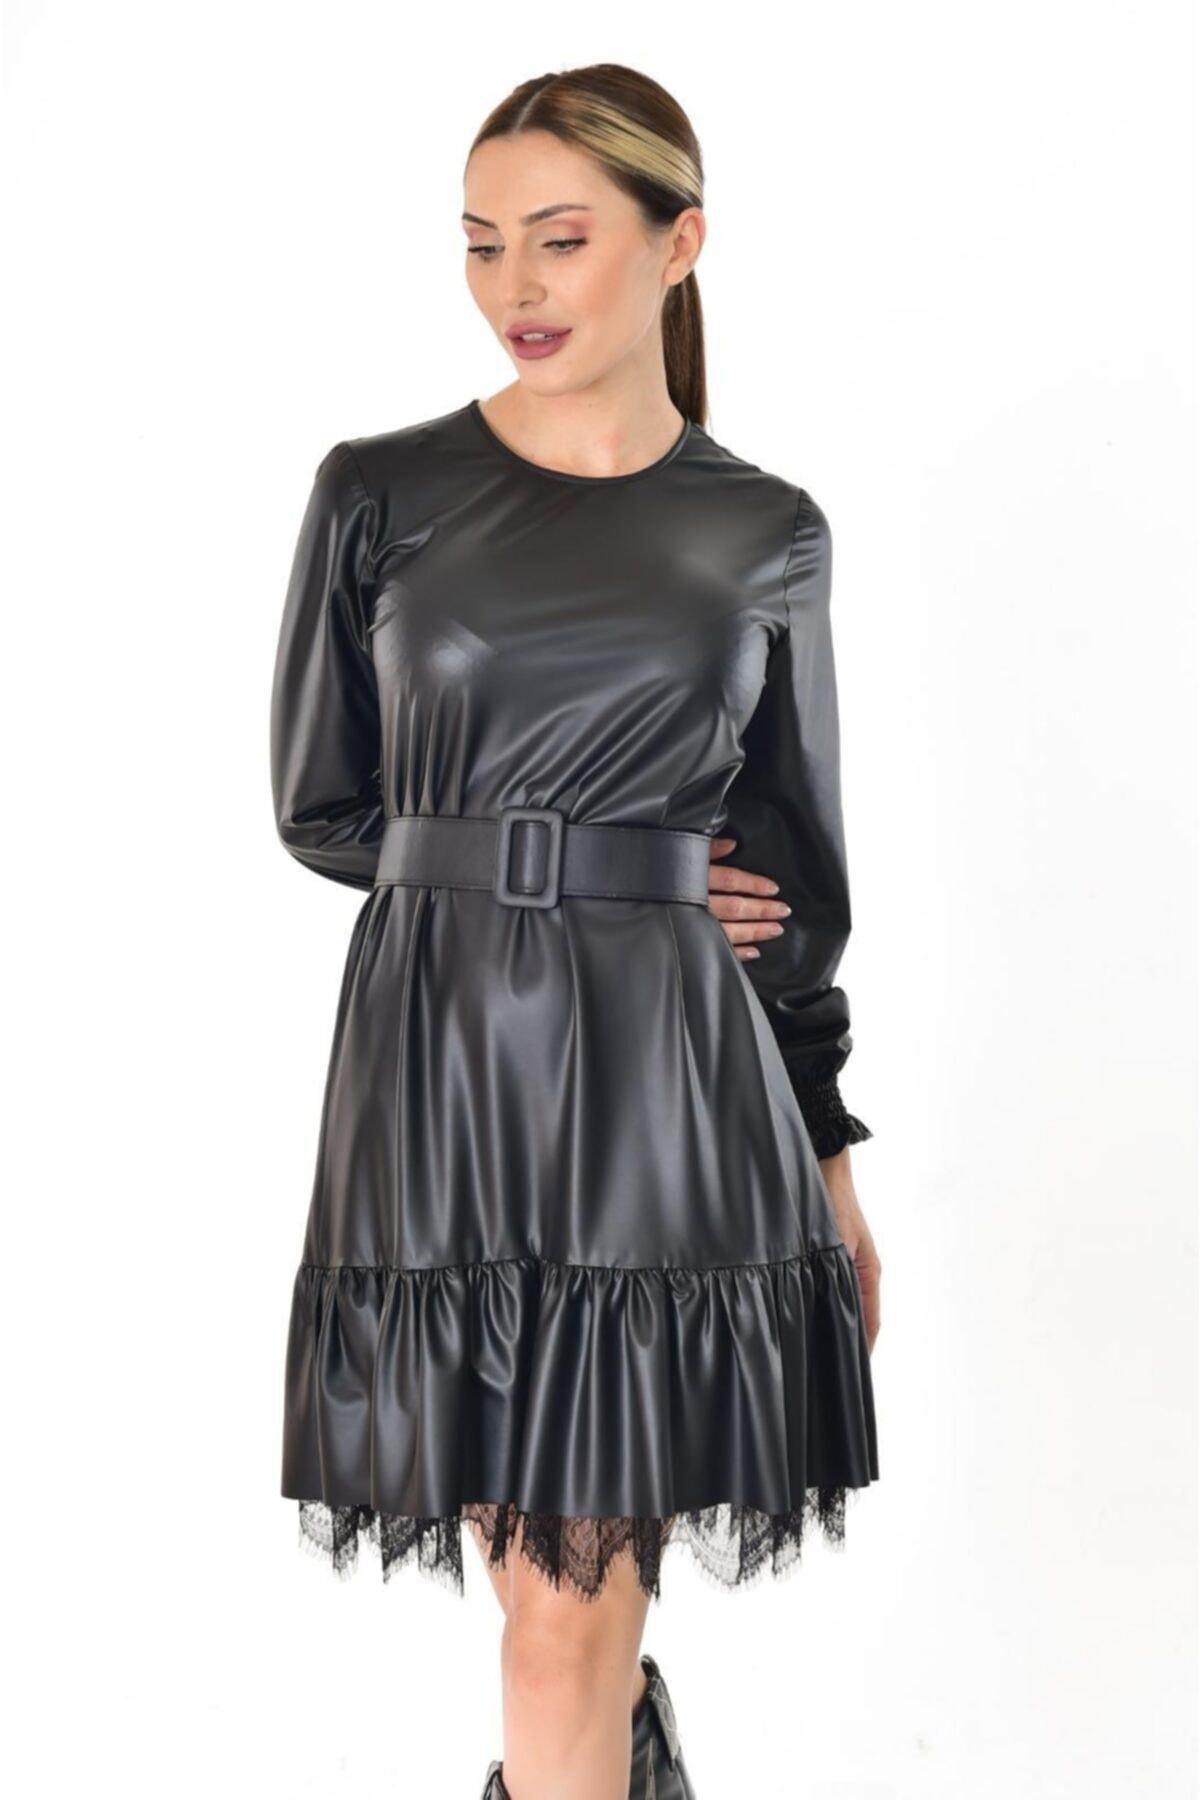 Estelle Giyim Kadın Ince Deri Siyah Elbise Estll0889 1